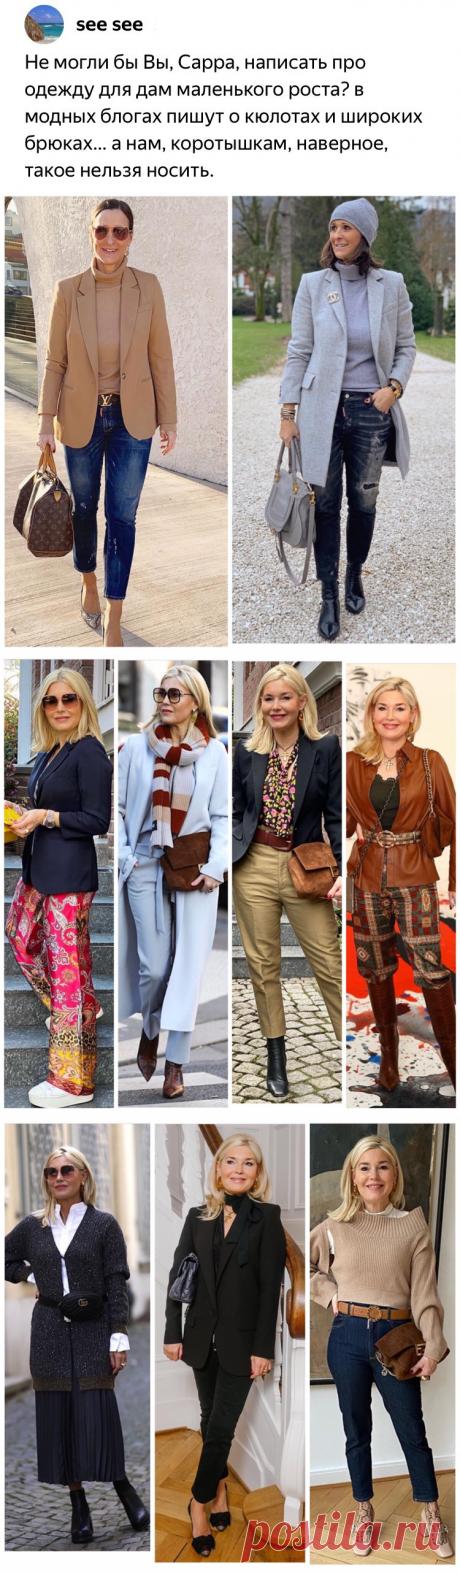 По просьбе подписчицы канала. Подробно разбираем вопрос, как одеваться дамам невысокого роста (2 часть)   Мода вне времени   Яндекс Дзен